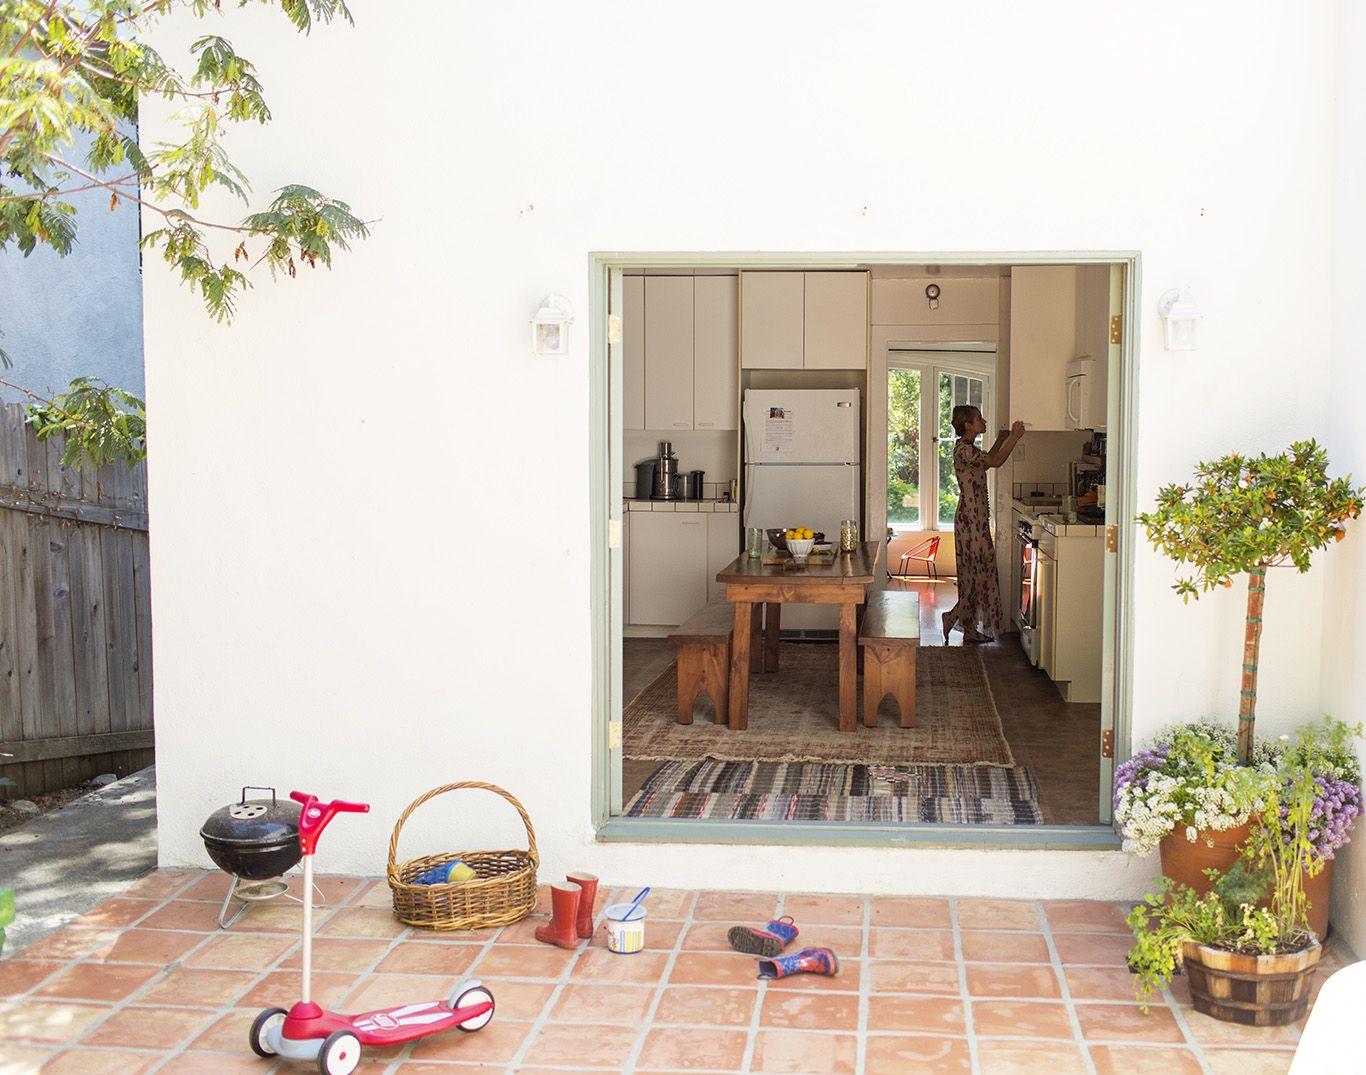 Cocina abierta al exterior   Home   Pinterest   Cocinas abiertas ...